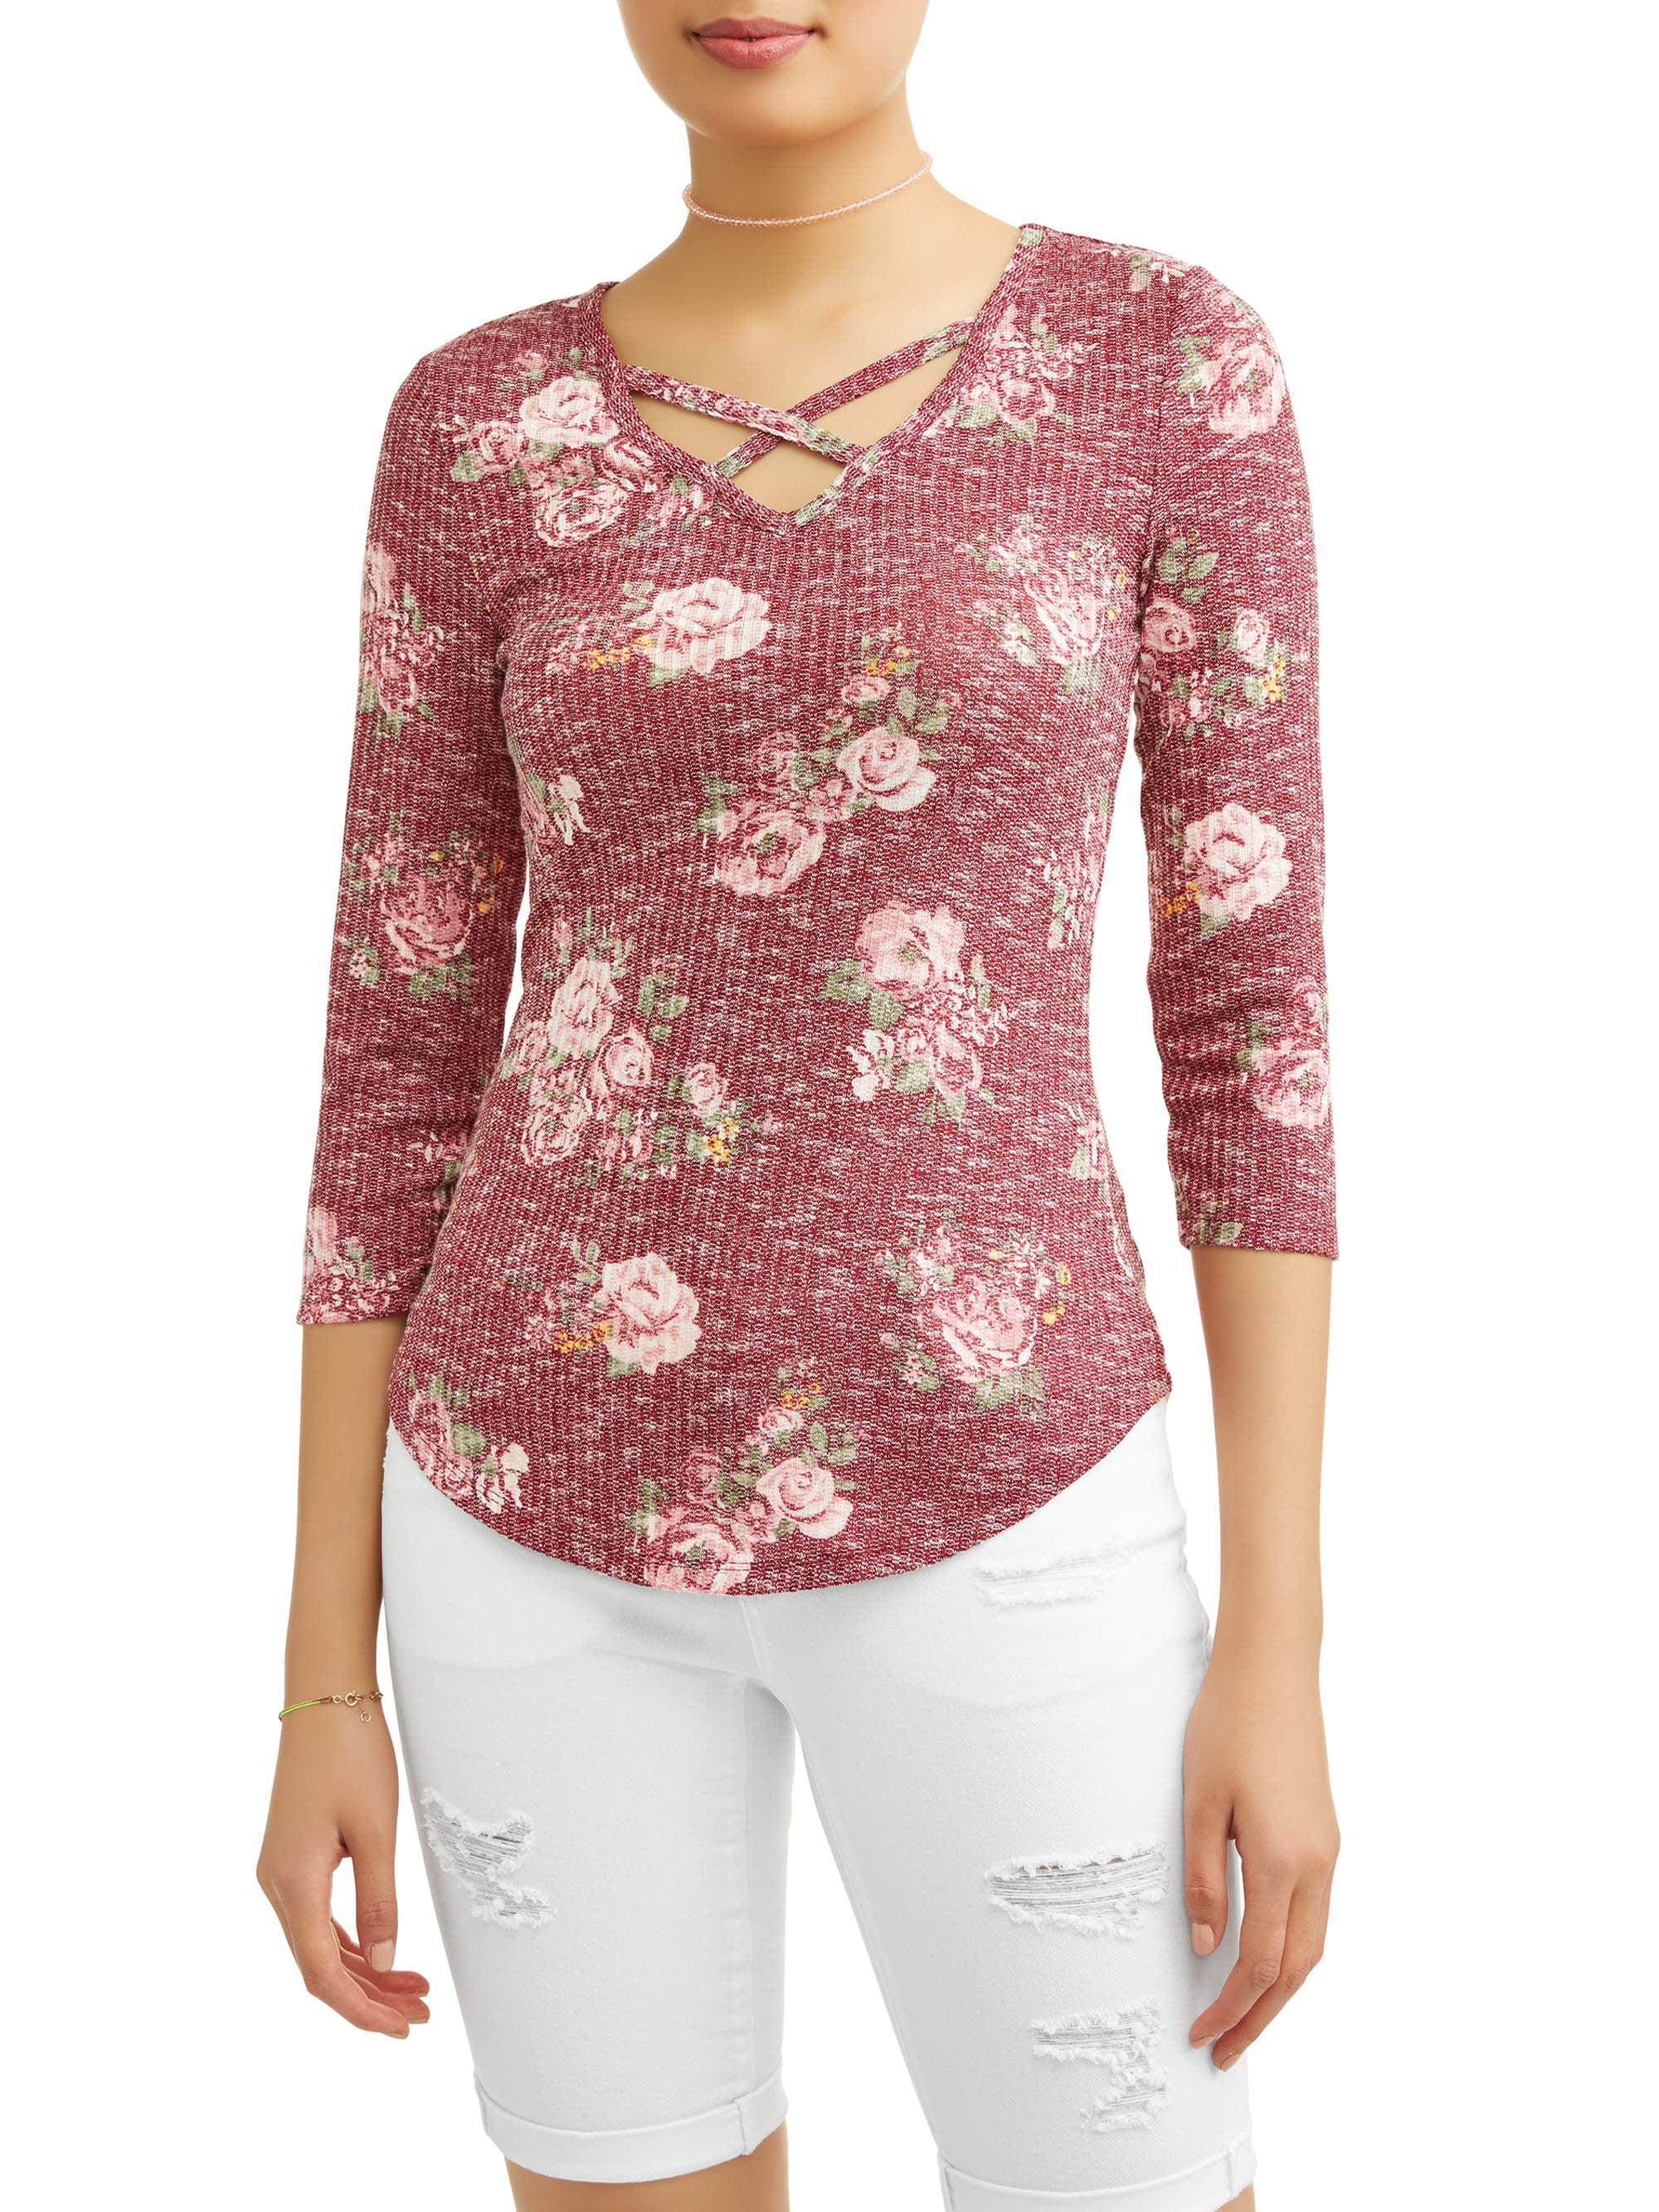 a073fb5b No Boundaries - Juniors' Floral Printed Criss Cross V-Neck 3/4 Sleeve T- Shirt - Walmart.com